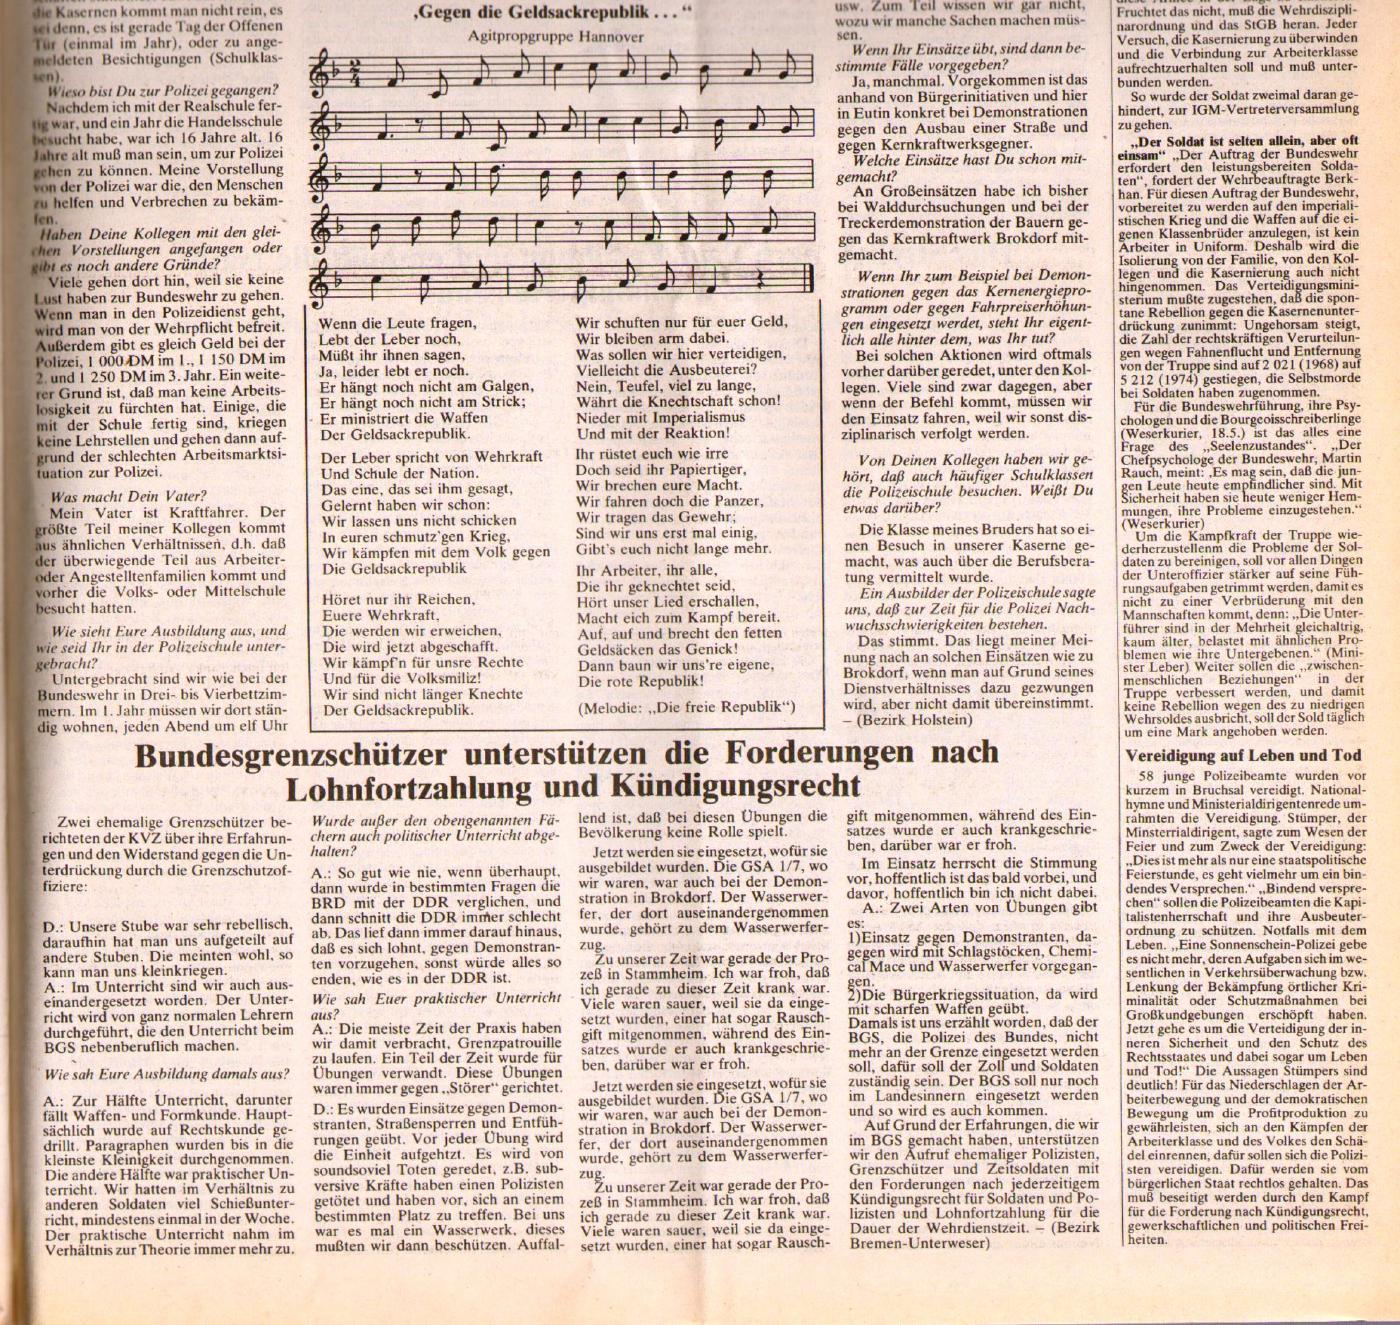 KVZ_Nord_1977_21_22